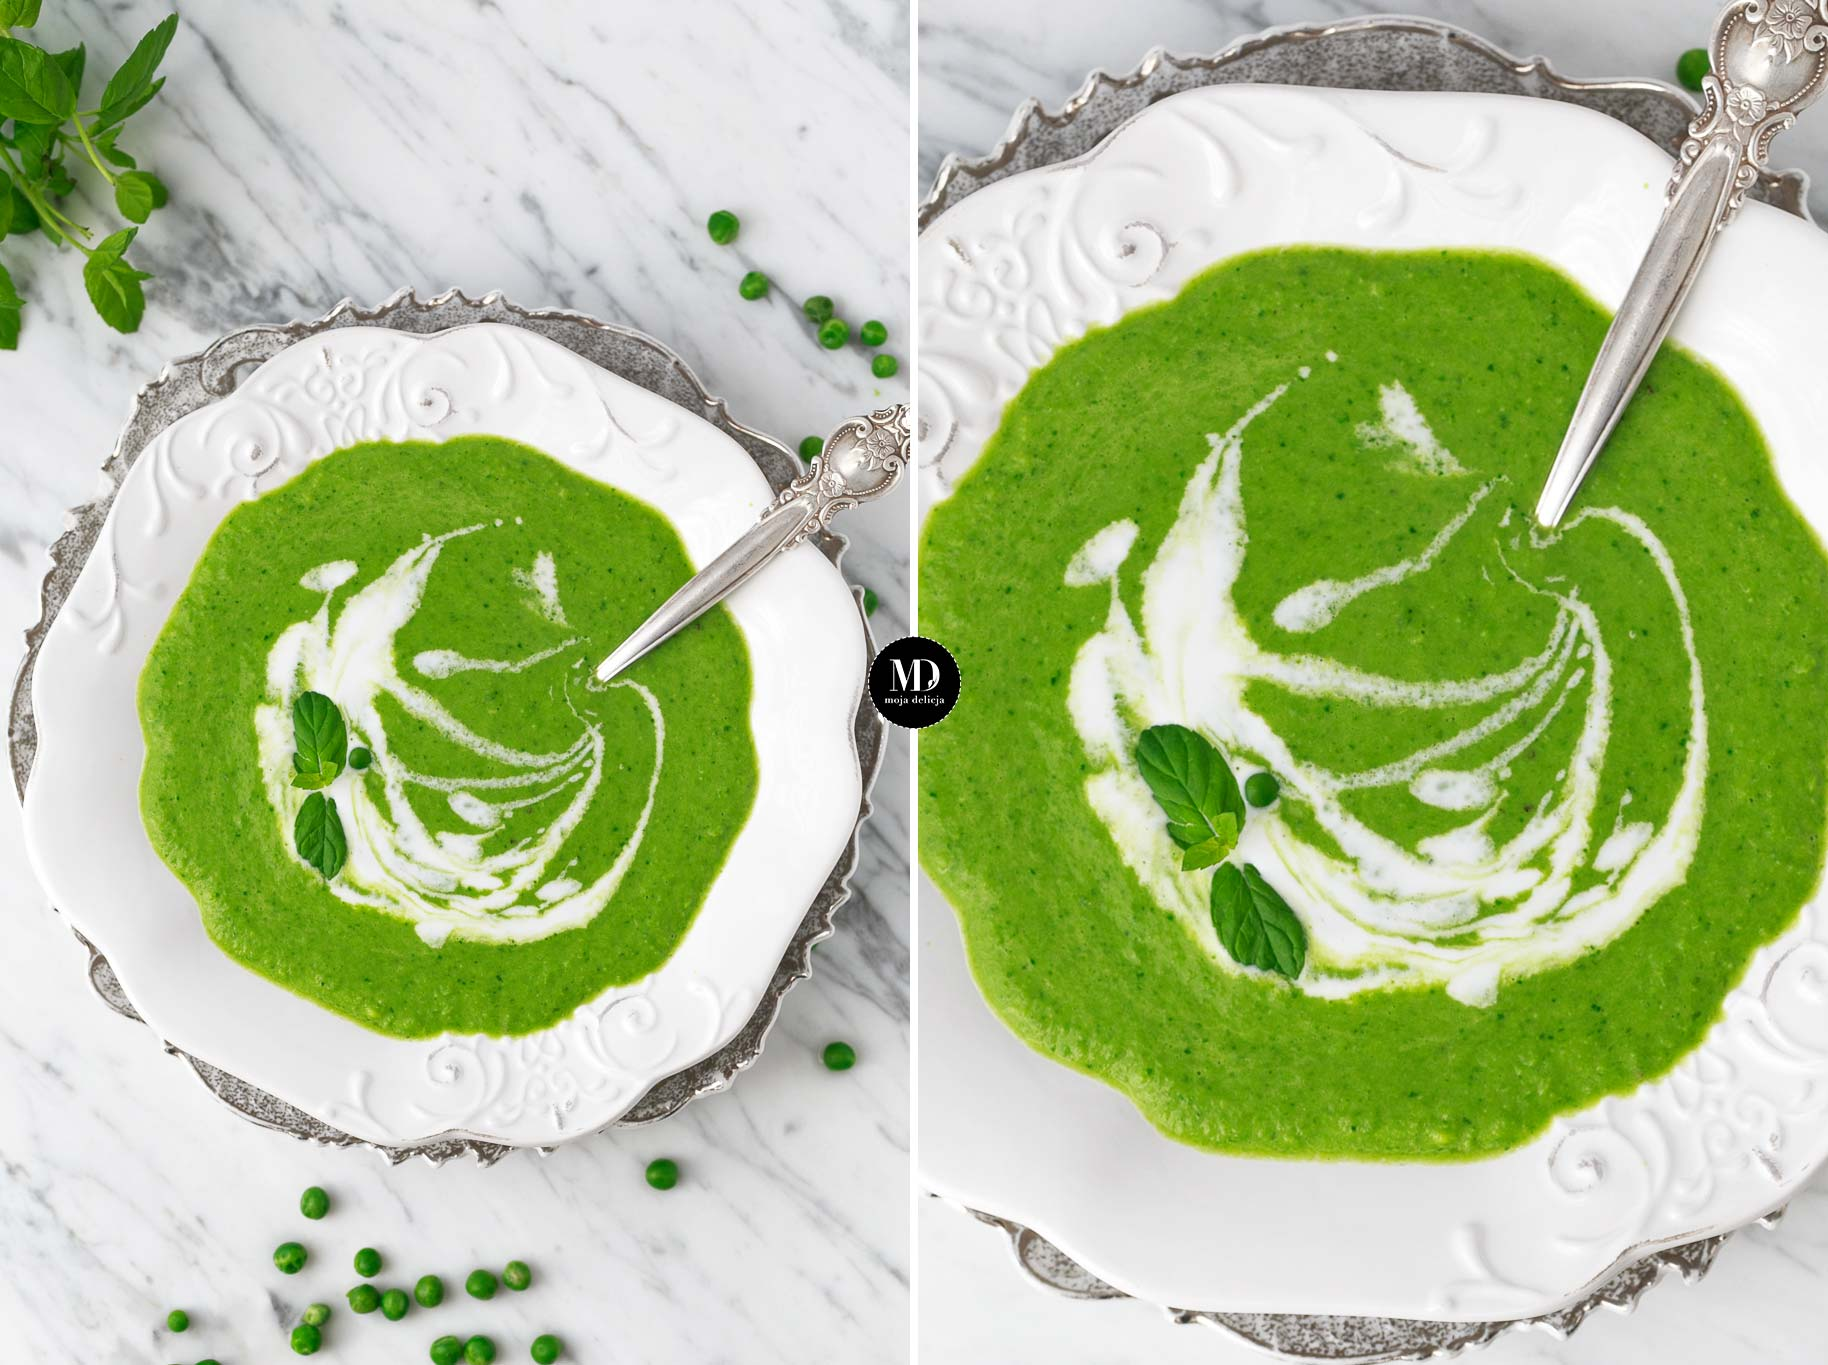 Zupa z groszku bez gotowania ze szpinakiem i mlekiem kokosowym